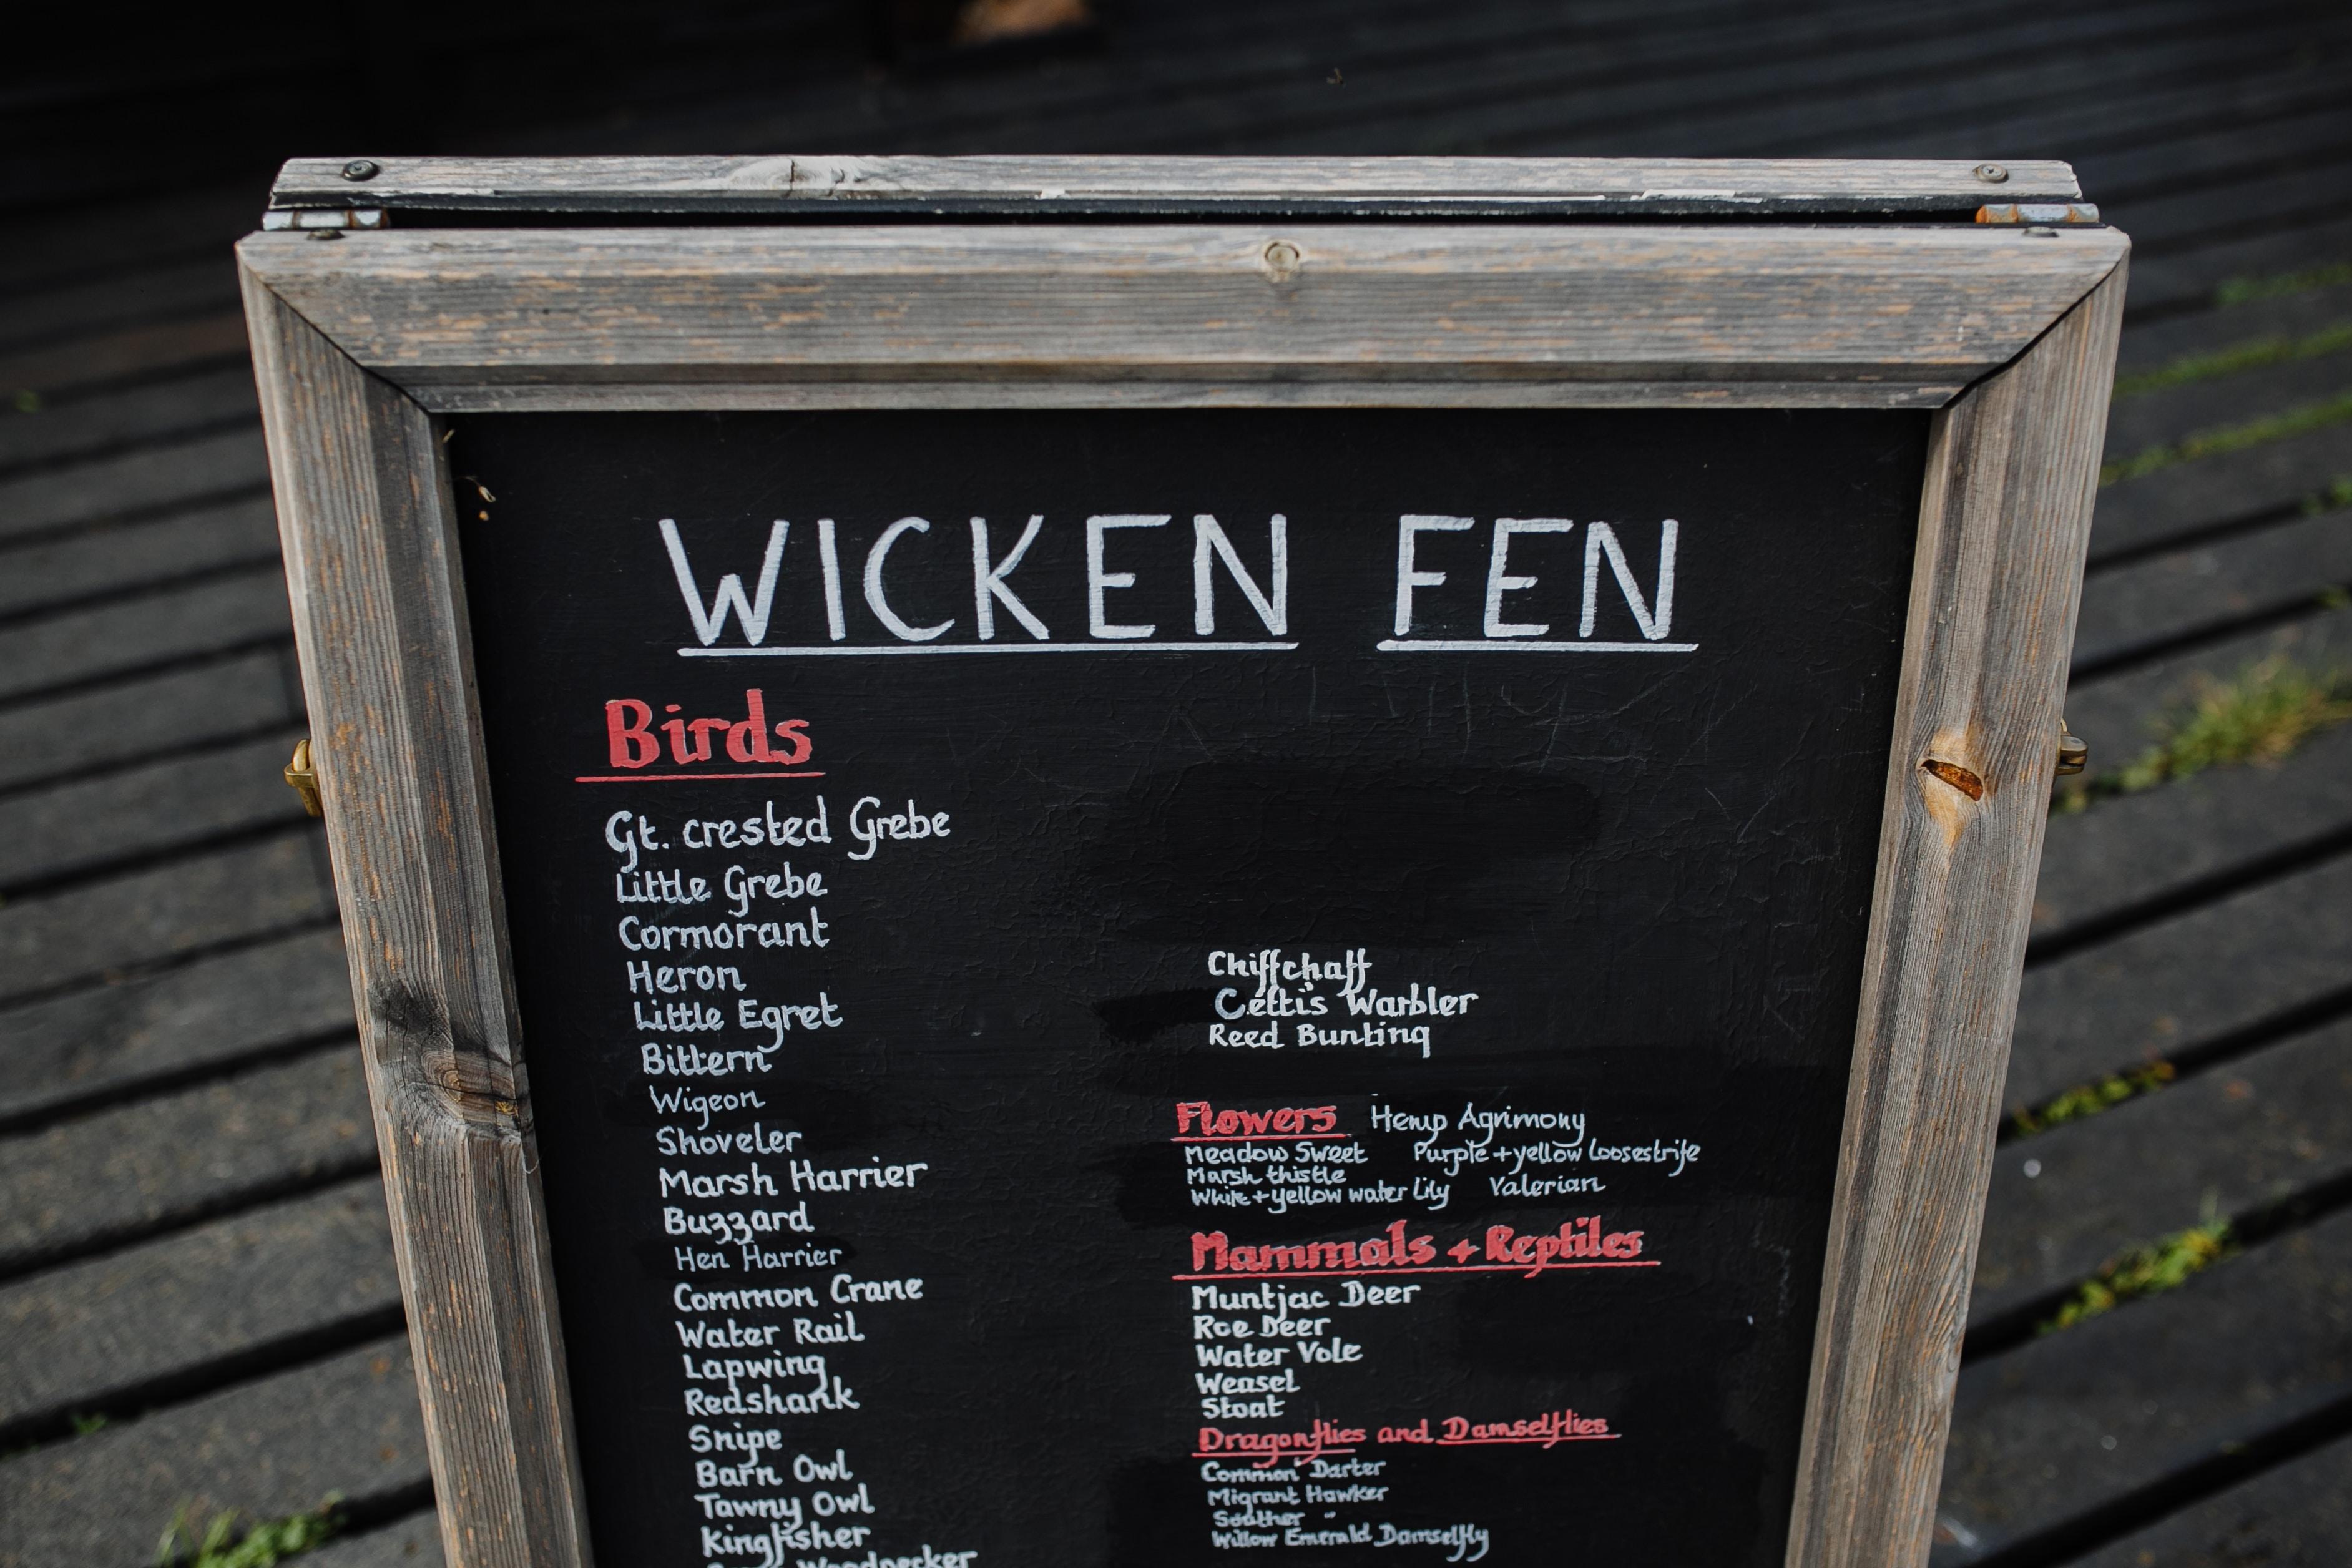 Wicken Fen menu